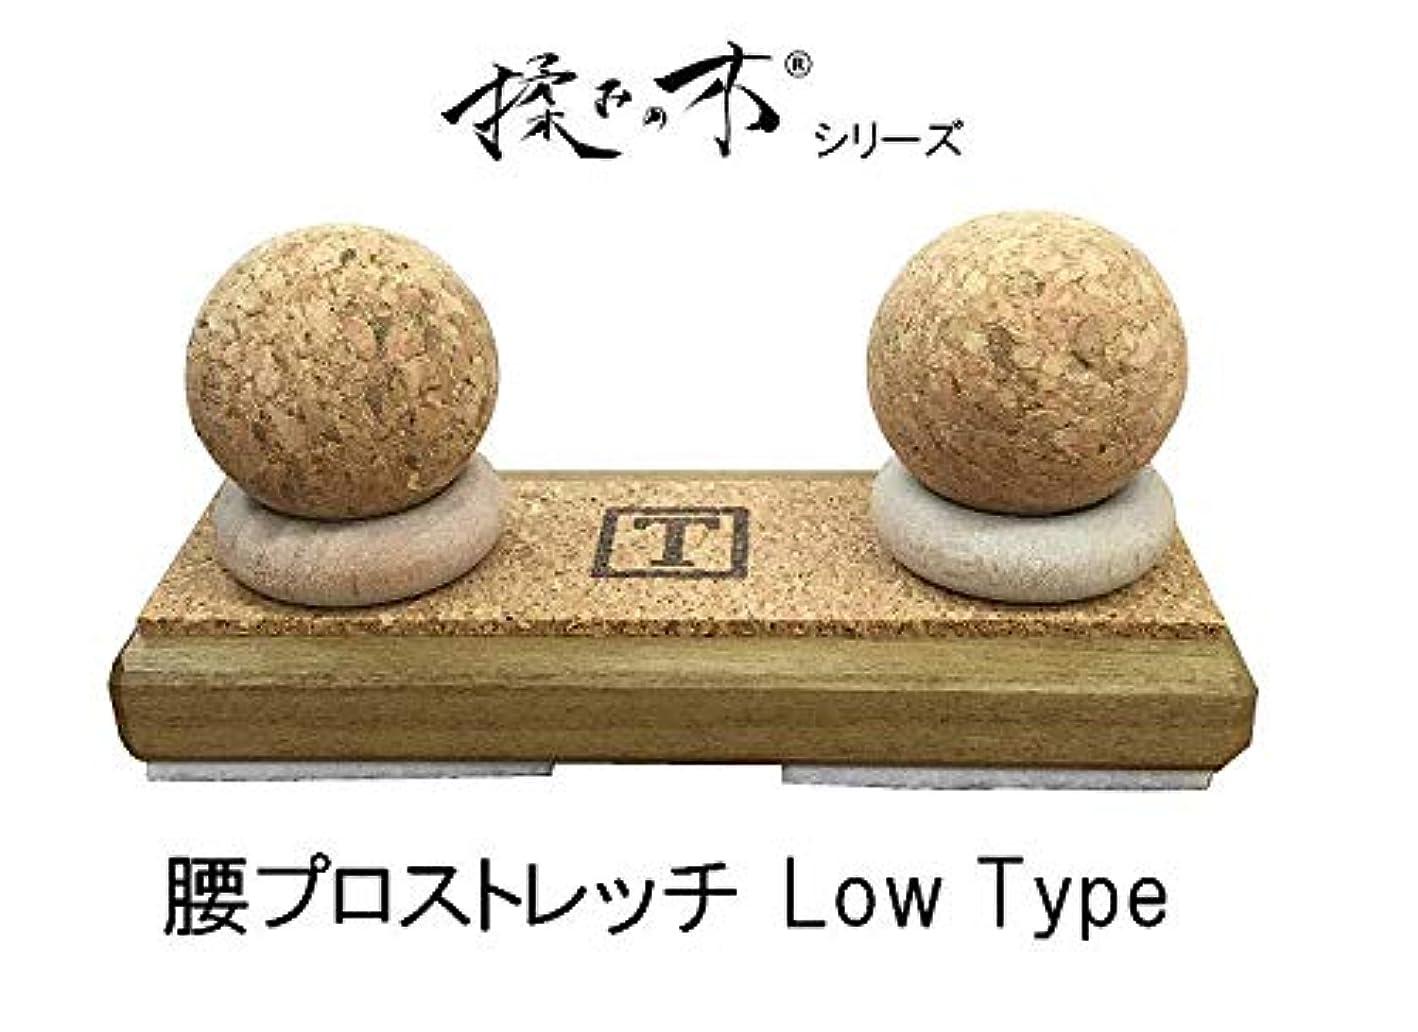 ごみ移植適度な『揉みの木シリーズ 腰プロストレッチ Low Type』つぼ押しマッサージ器 背中下部 腰 セルフメンテナンスを強力にサポート